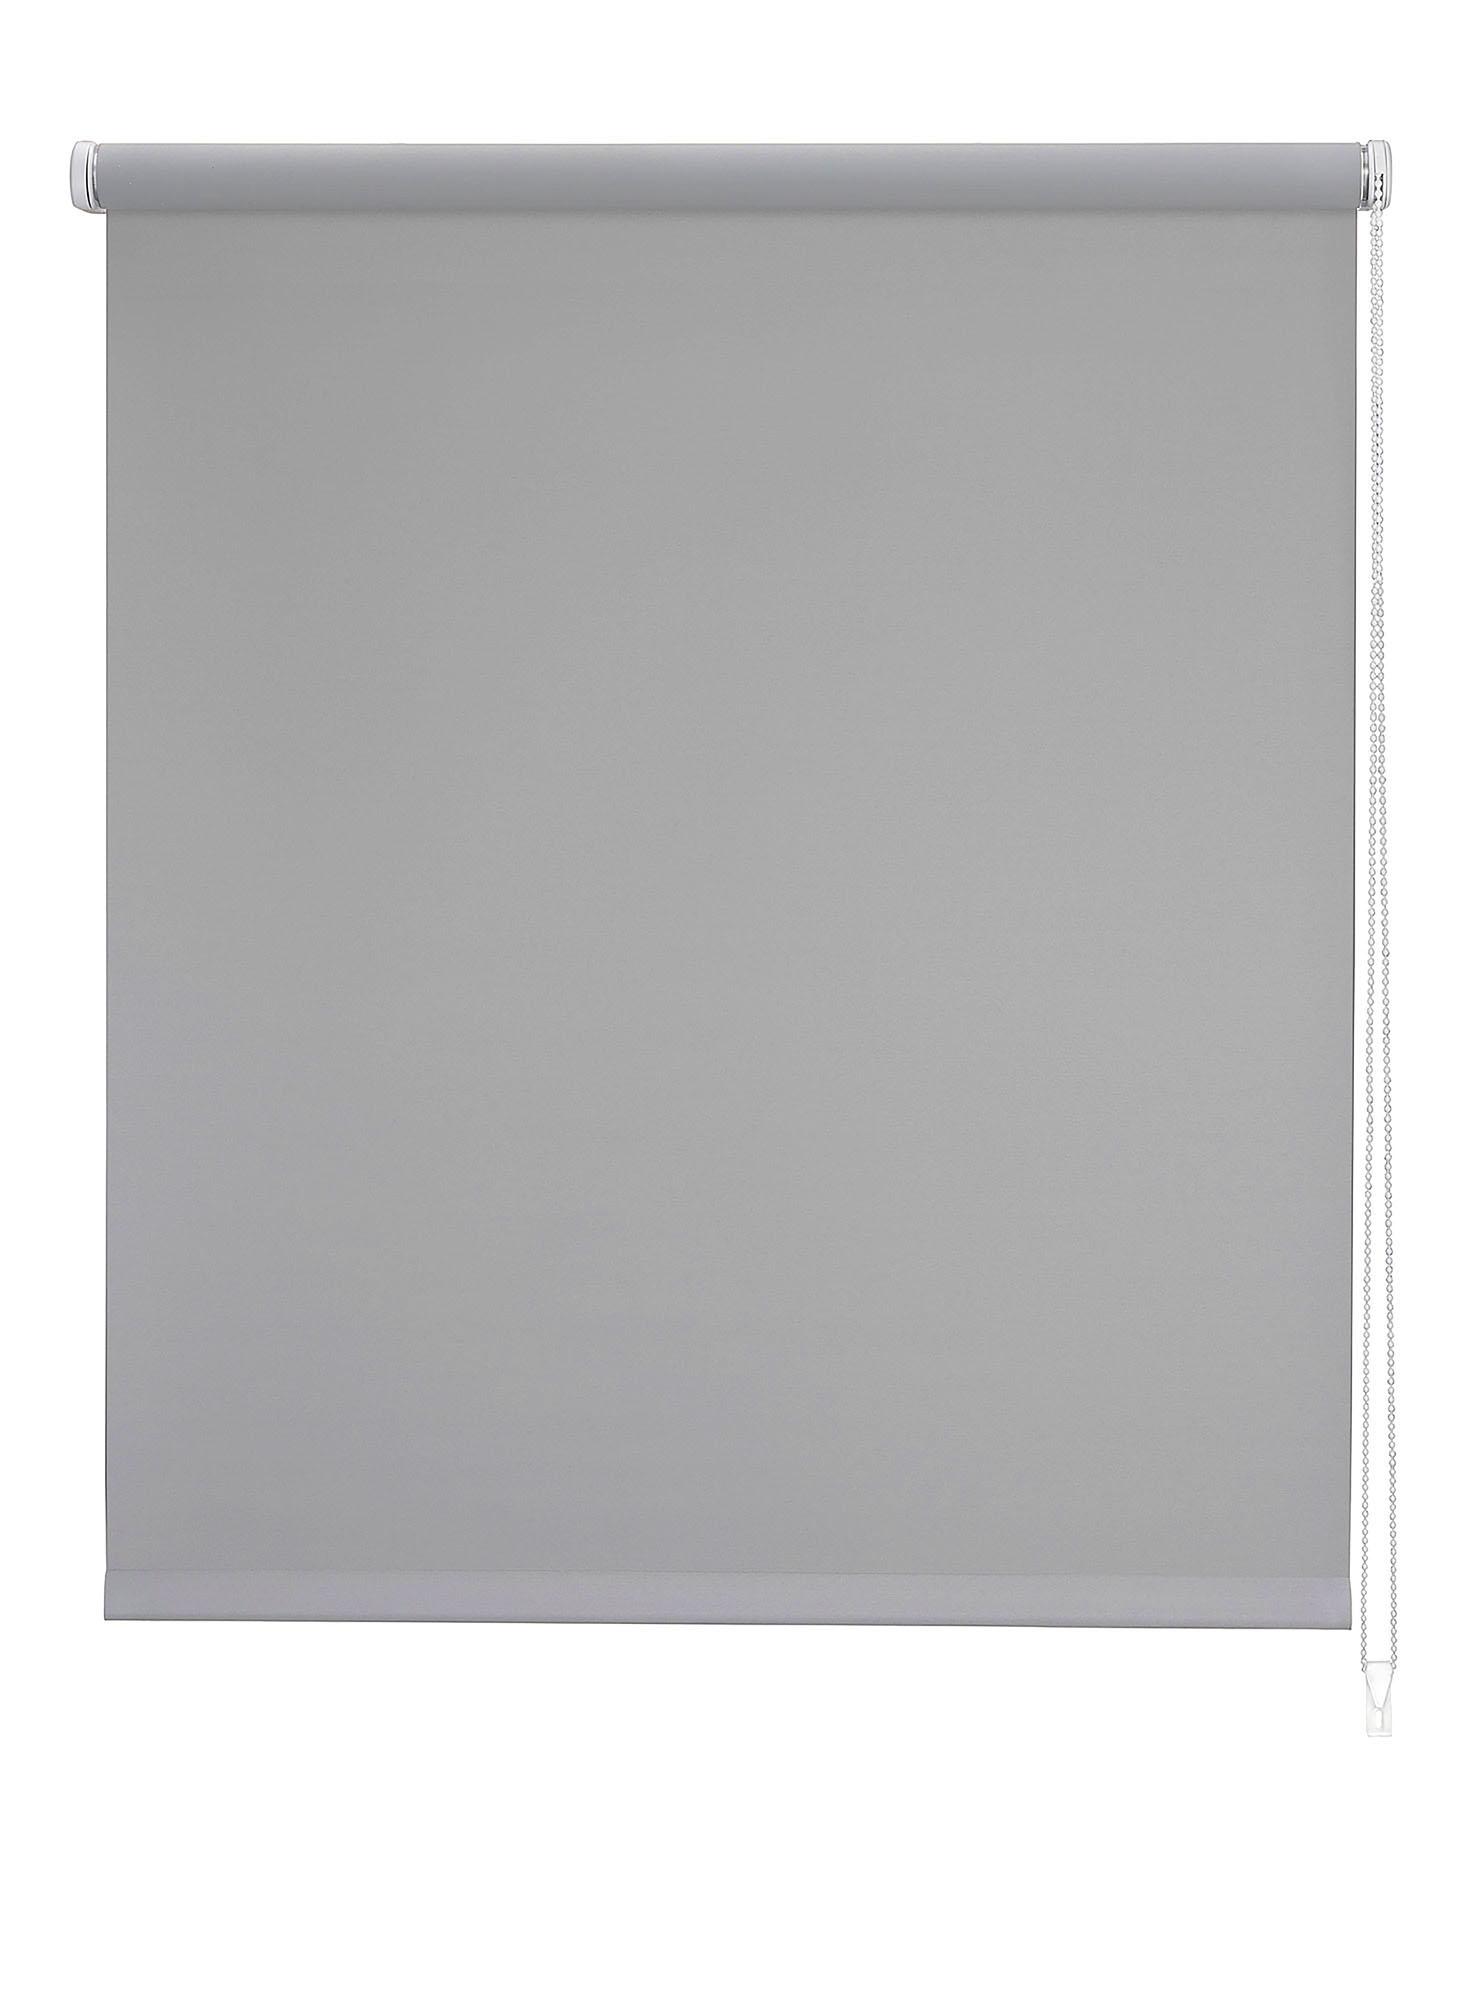 Store enrouleur Translucide - Gris - 105 x 250 cm